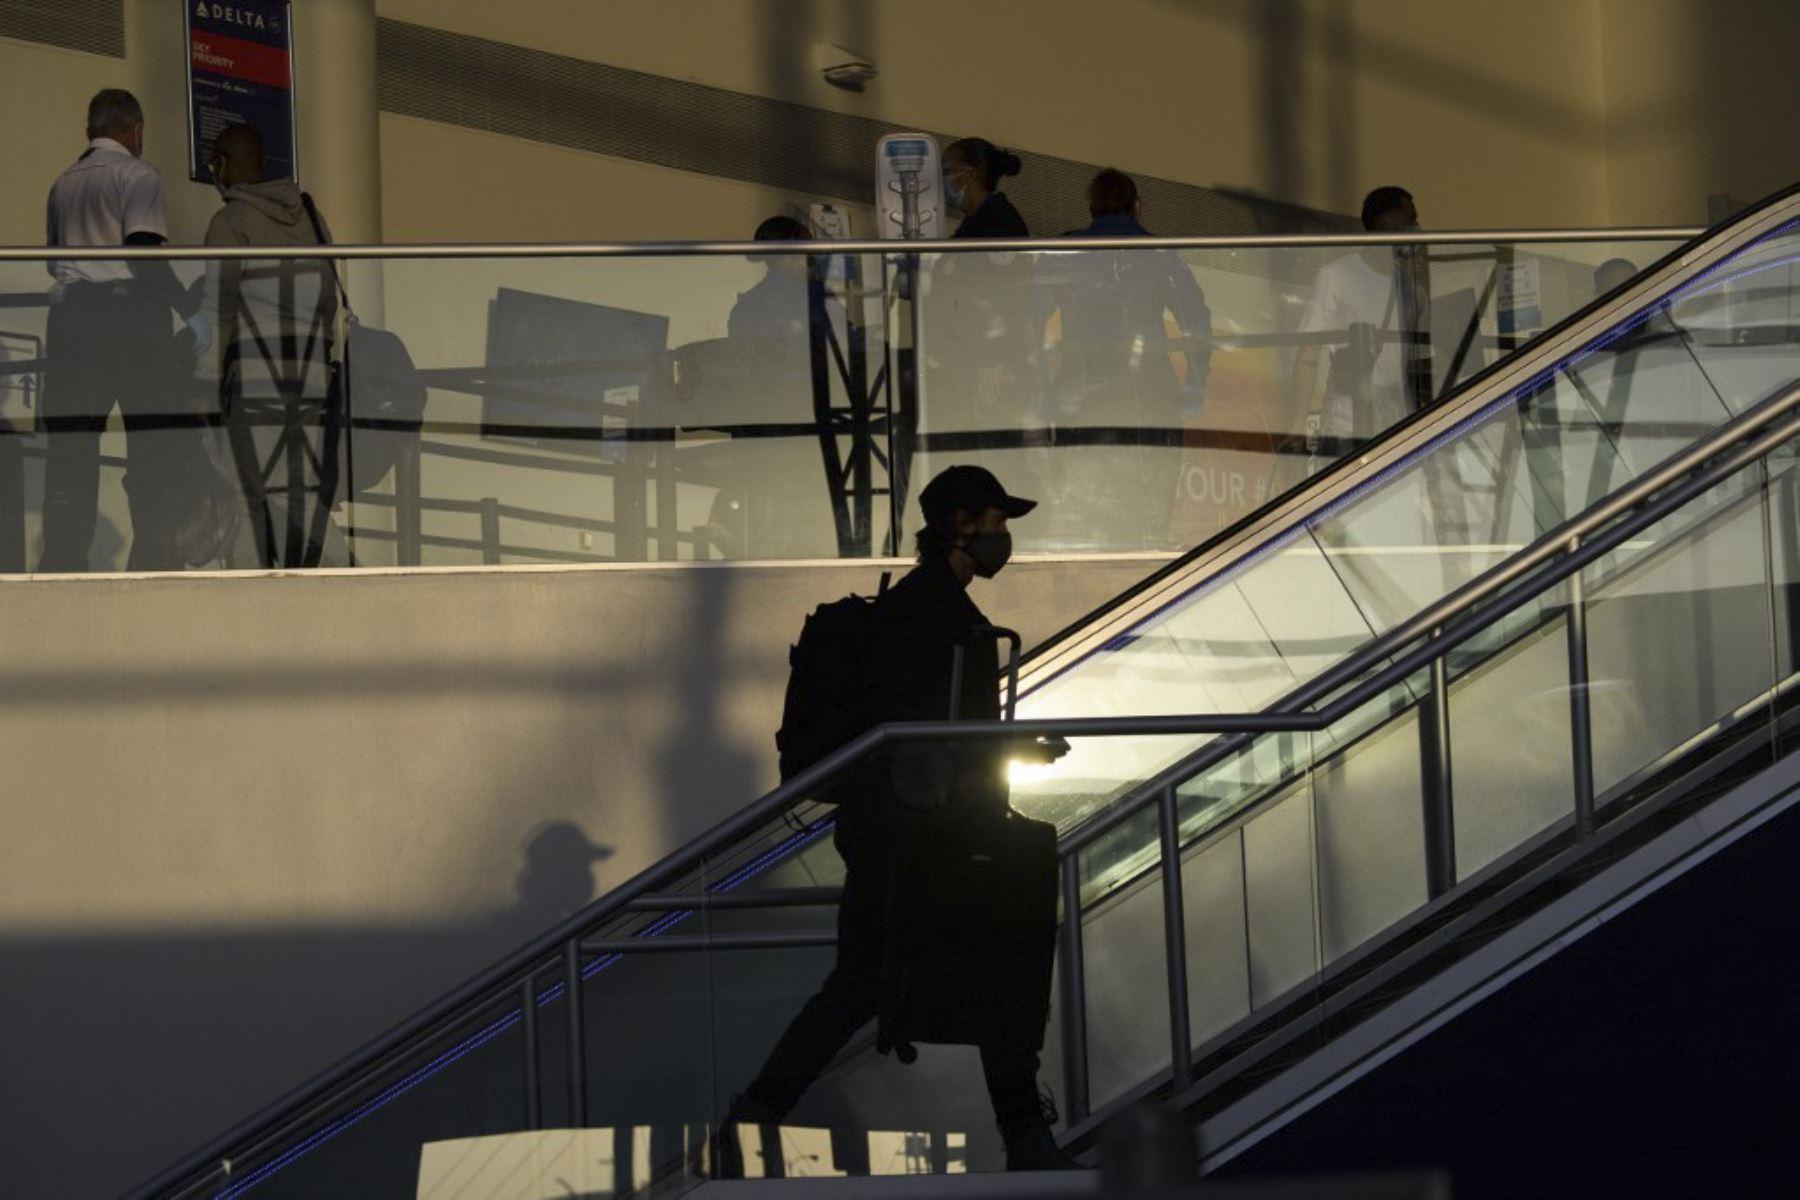 Los pasajeros ingresan a un punto de control de la Administración de Seguridad del Transporte en el Aeropuerto Internacional de Los Ángeles antes del feriado de Acción de Gracias en Los Ángeles, California. Foto: AFP